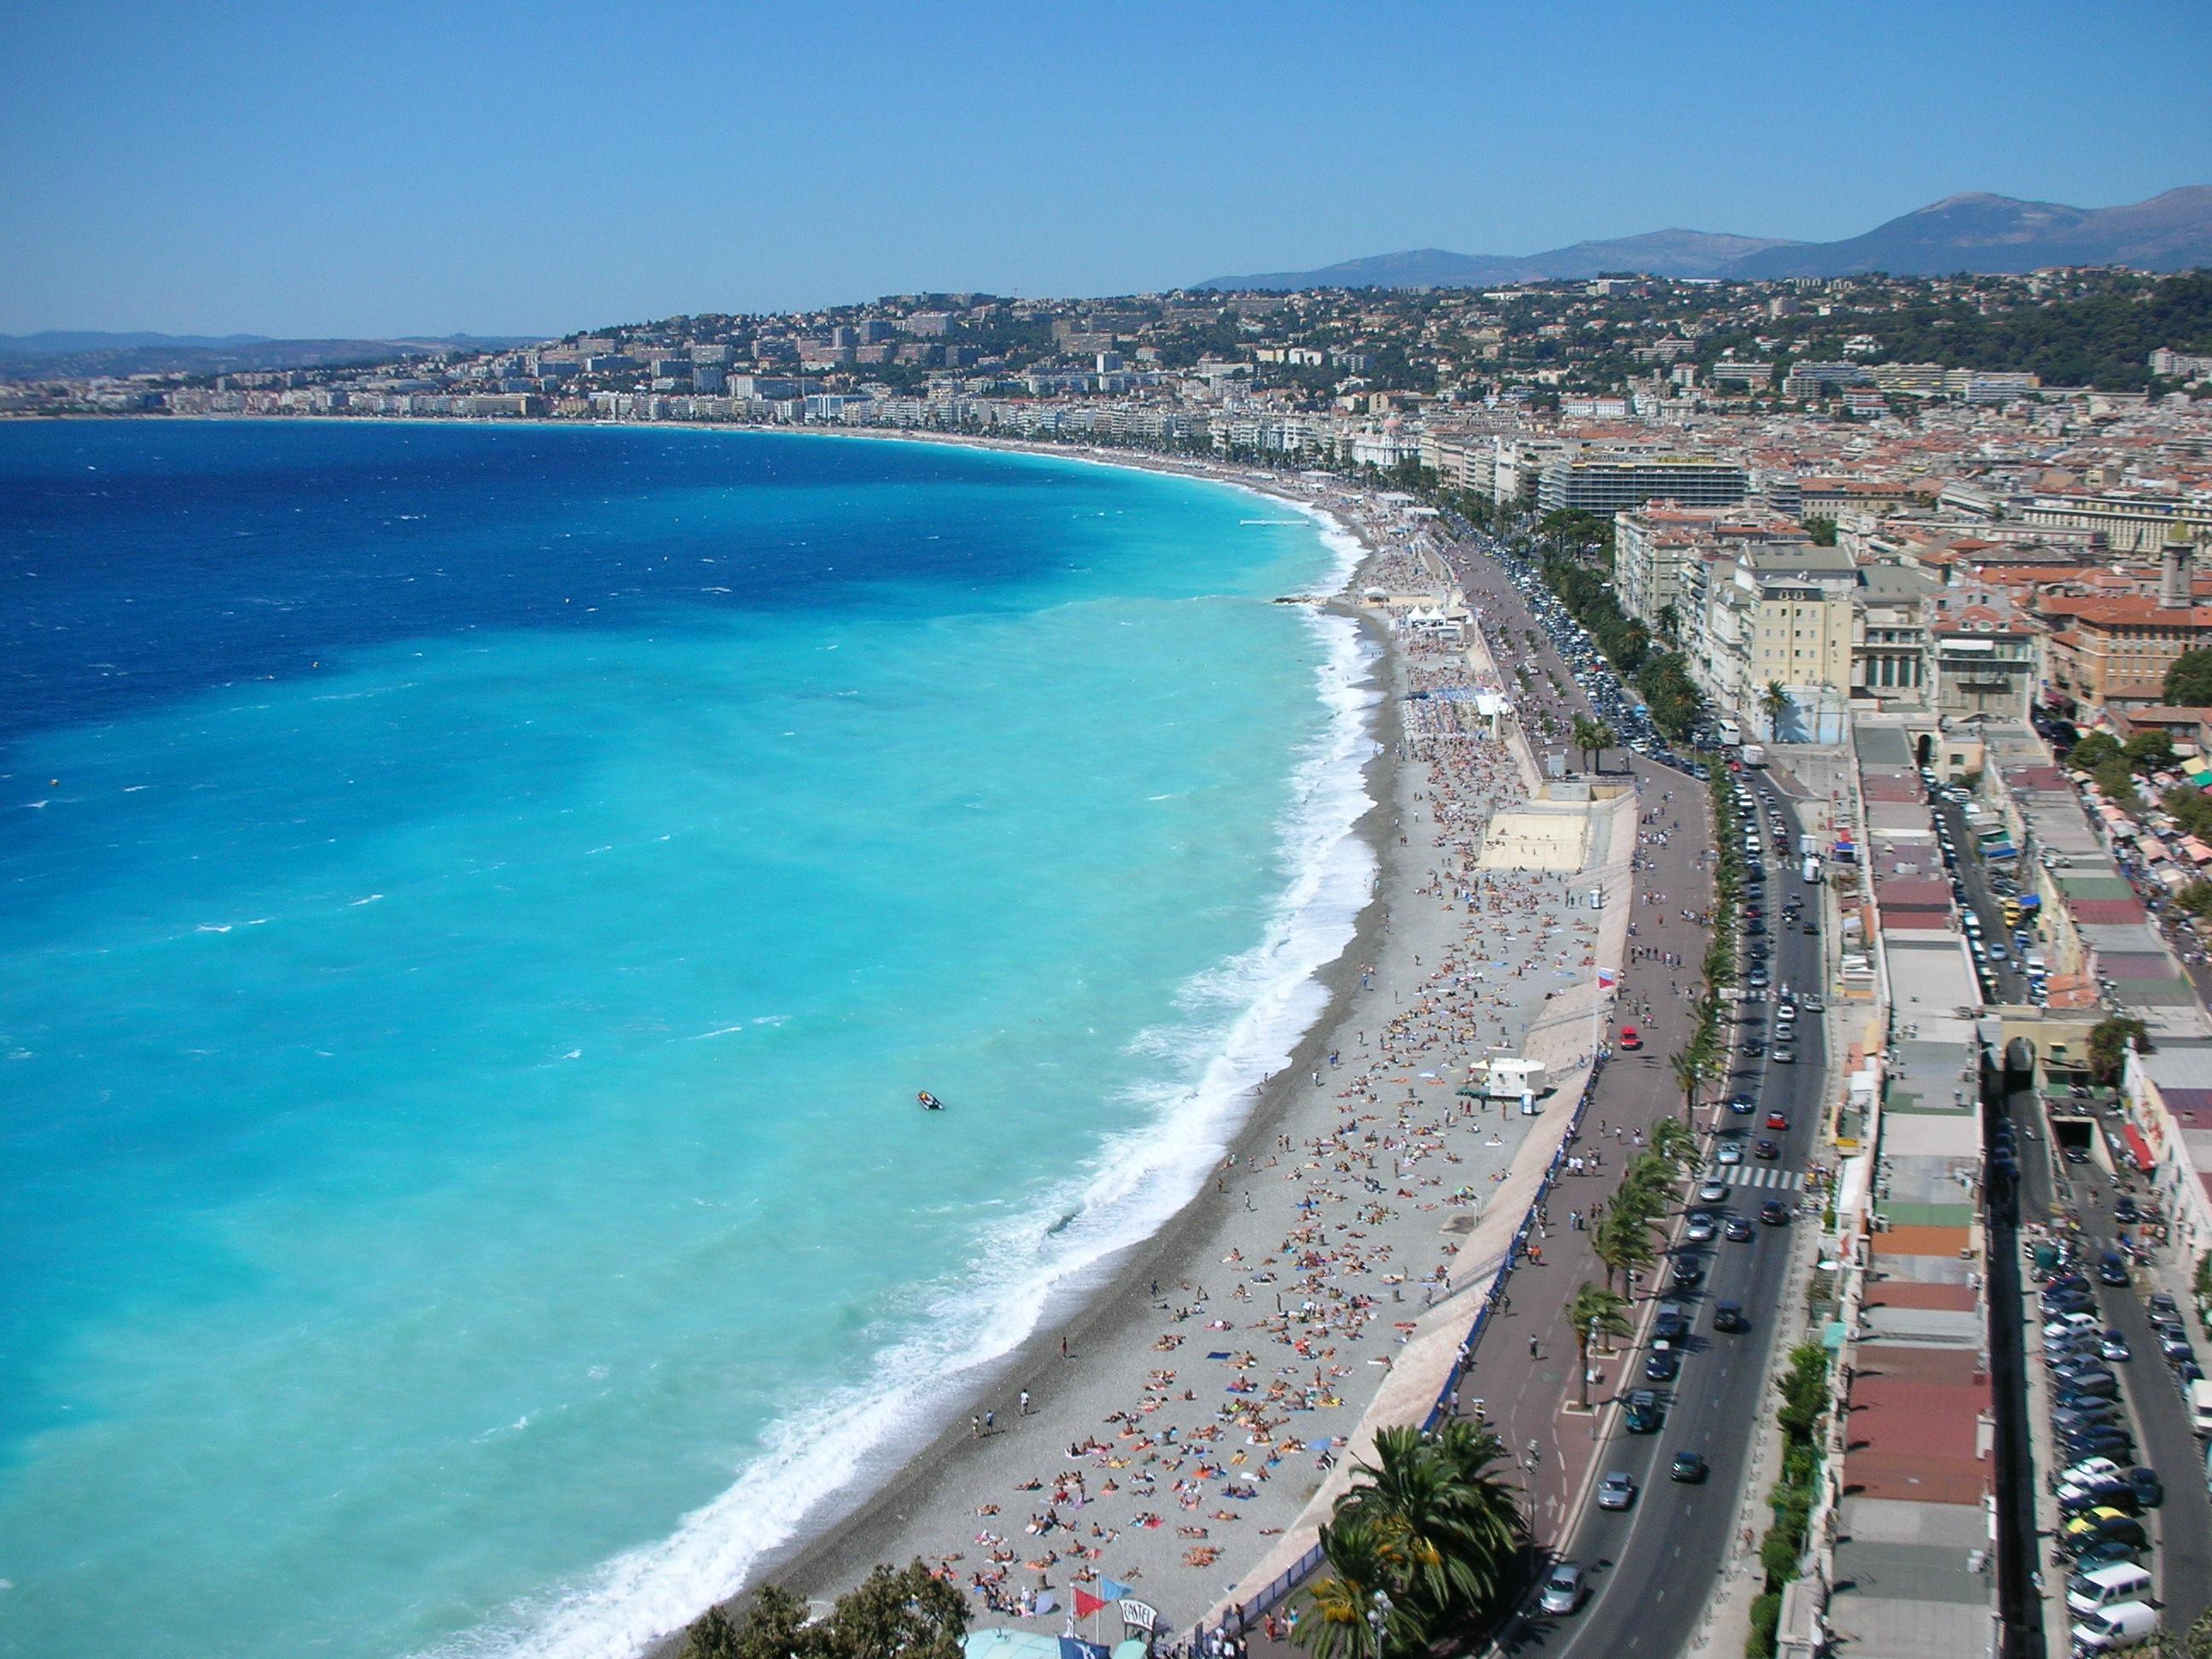 Rivijera cveća Azurna obala - Nica -putovanje autobusom - prolecni aranzmani